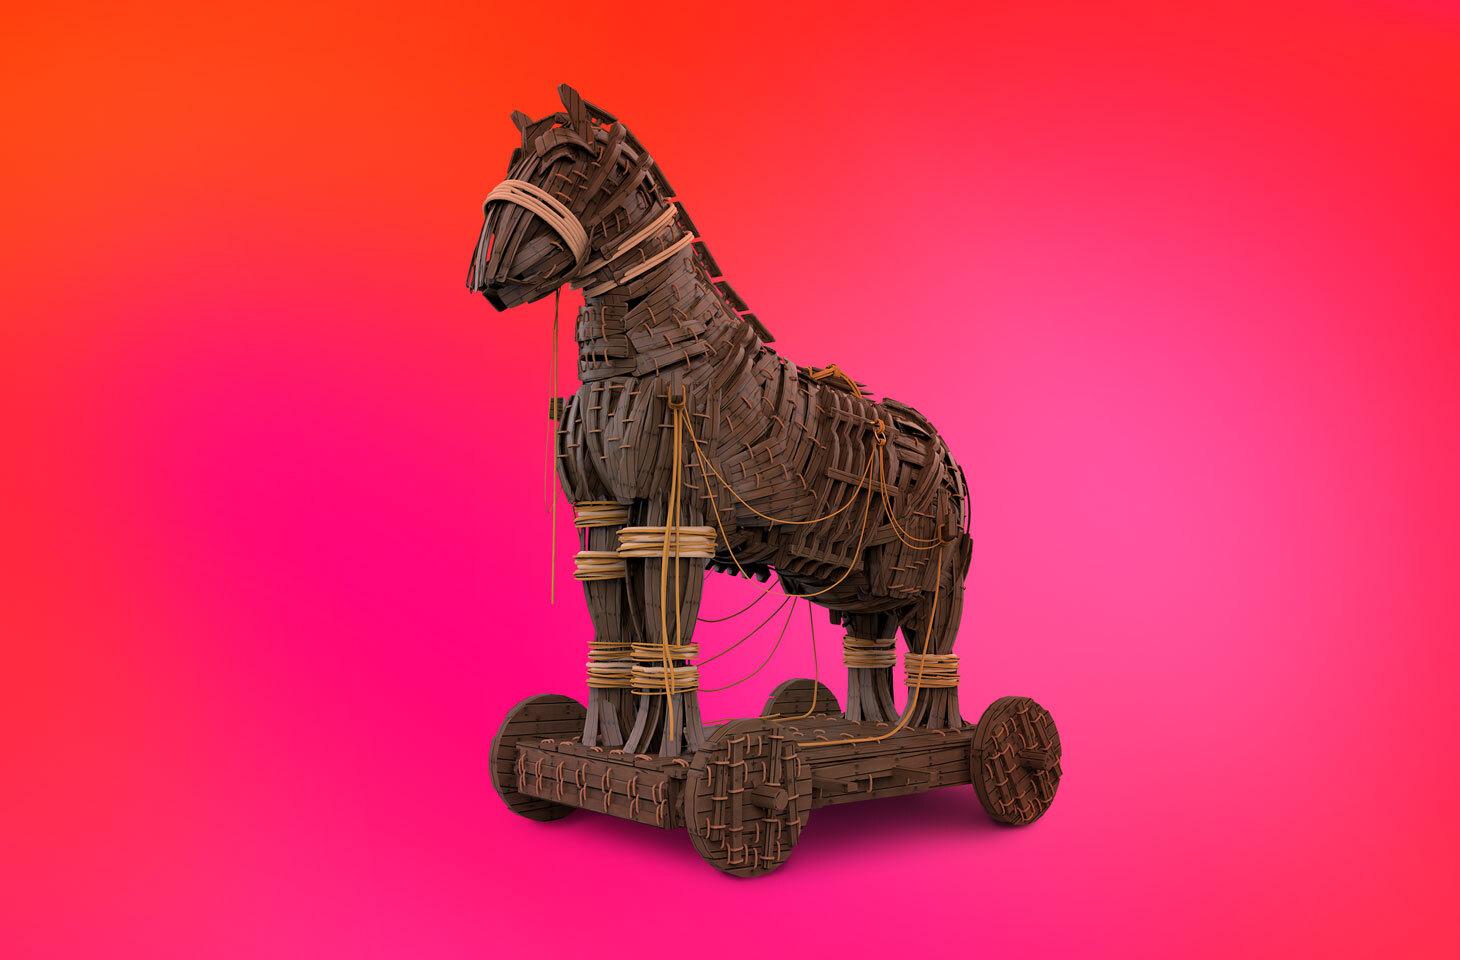 Bankacılık Truva atlarının yayılmasını sağlayan kötü amaçlı spam mesajları